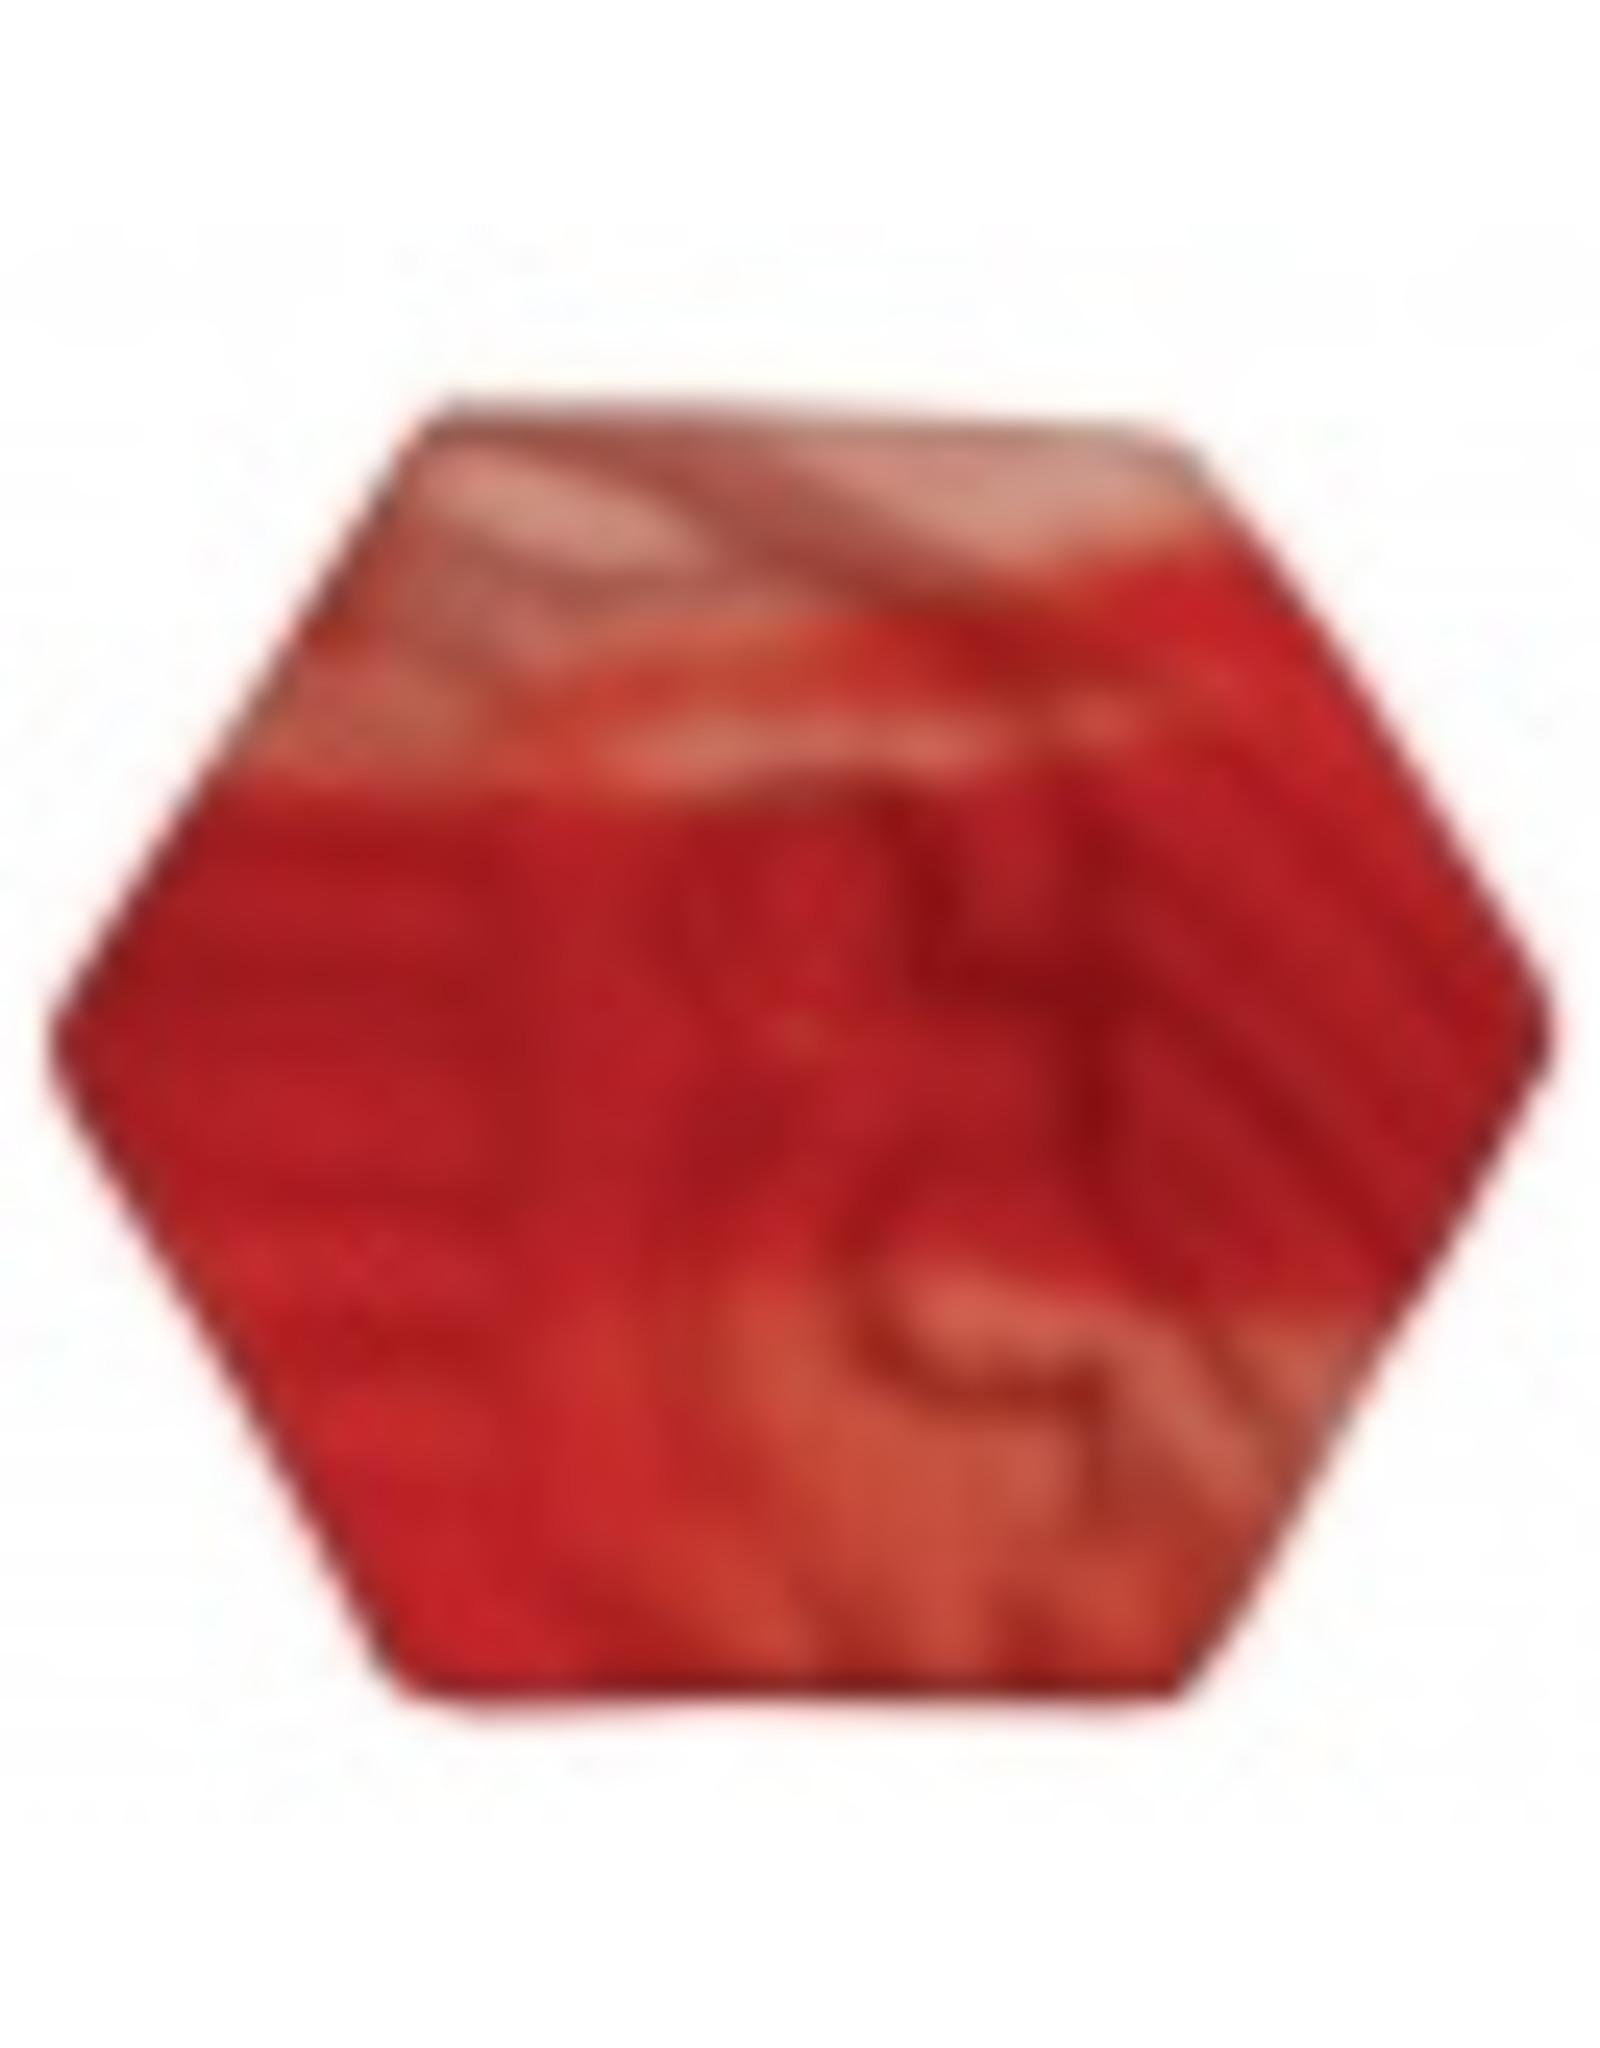 Potterycrafts Bright Red On-Glaze - 15ml